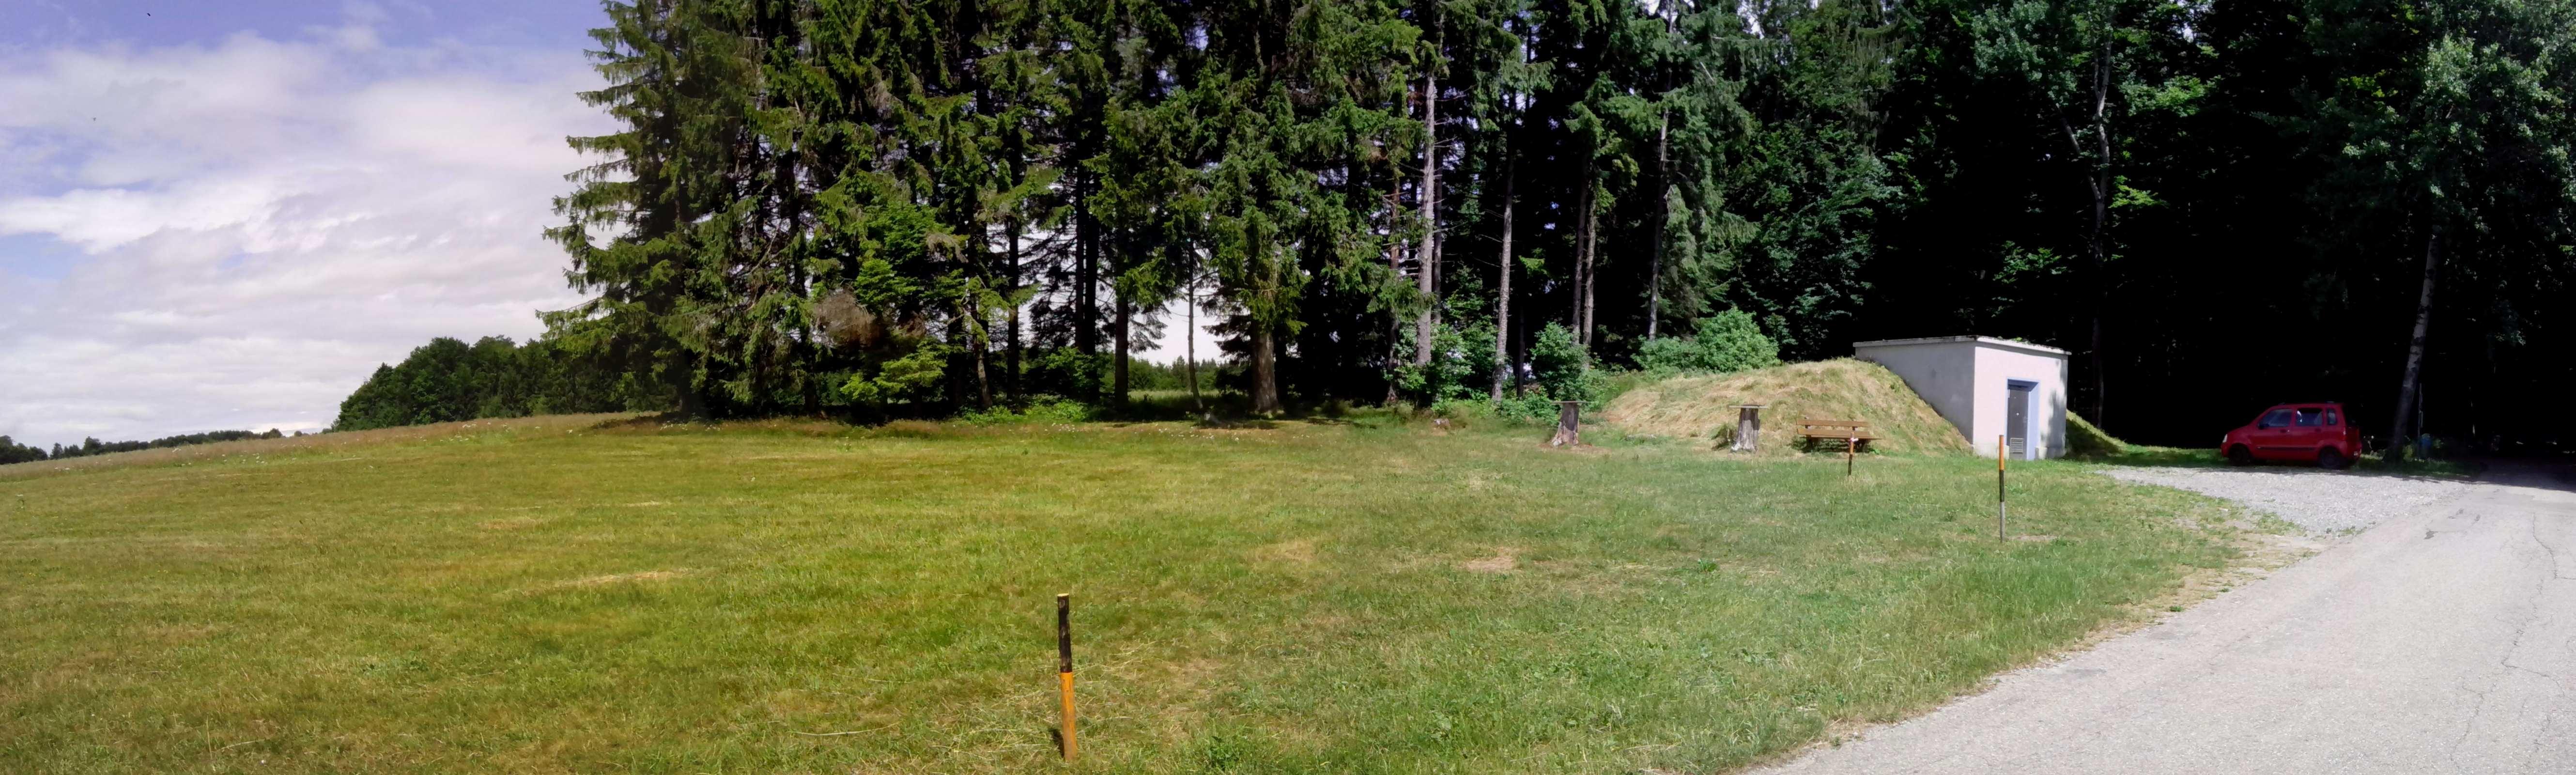 Am 29.06.2017 noch leerer Fielddayplatz im Südscharzwald